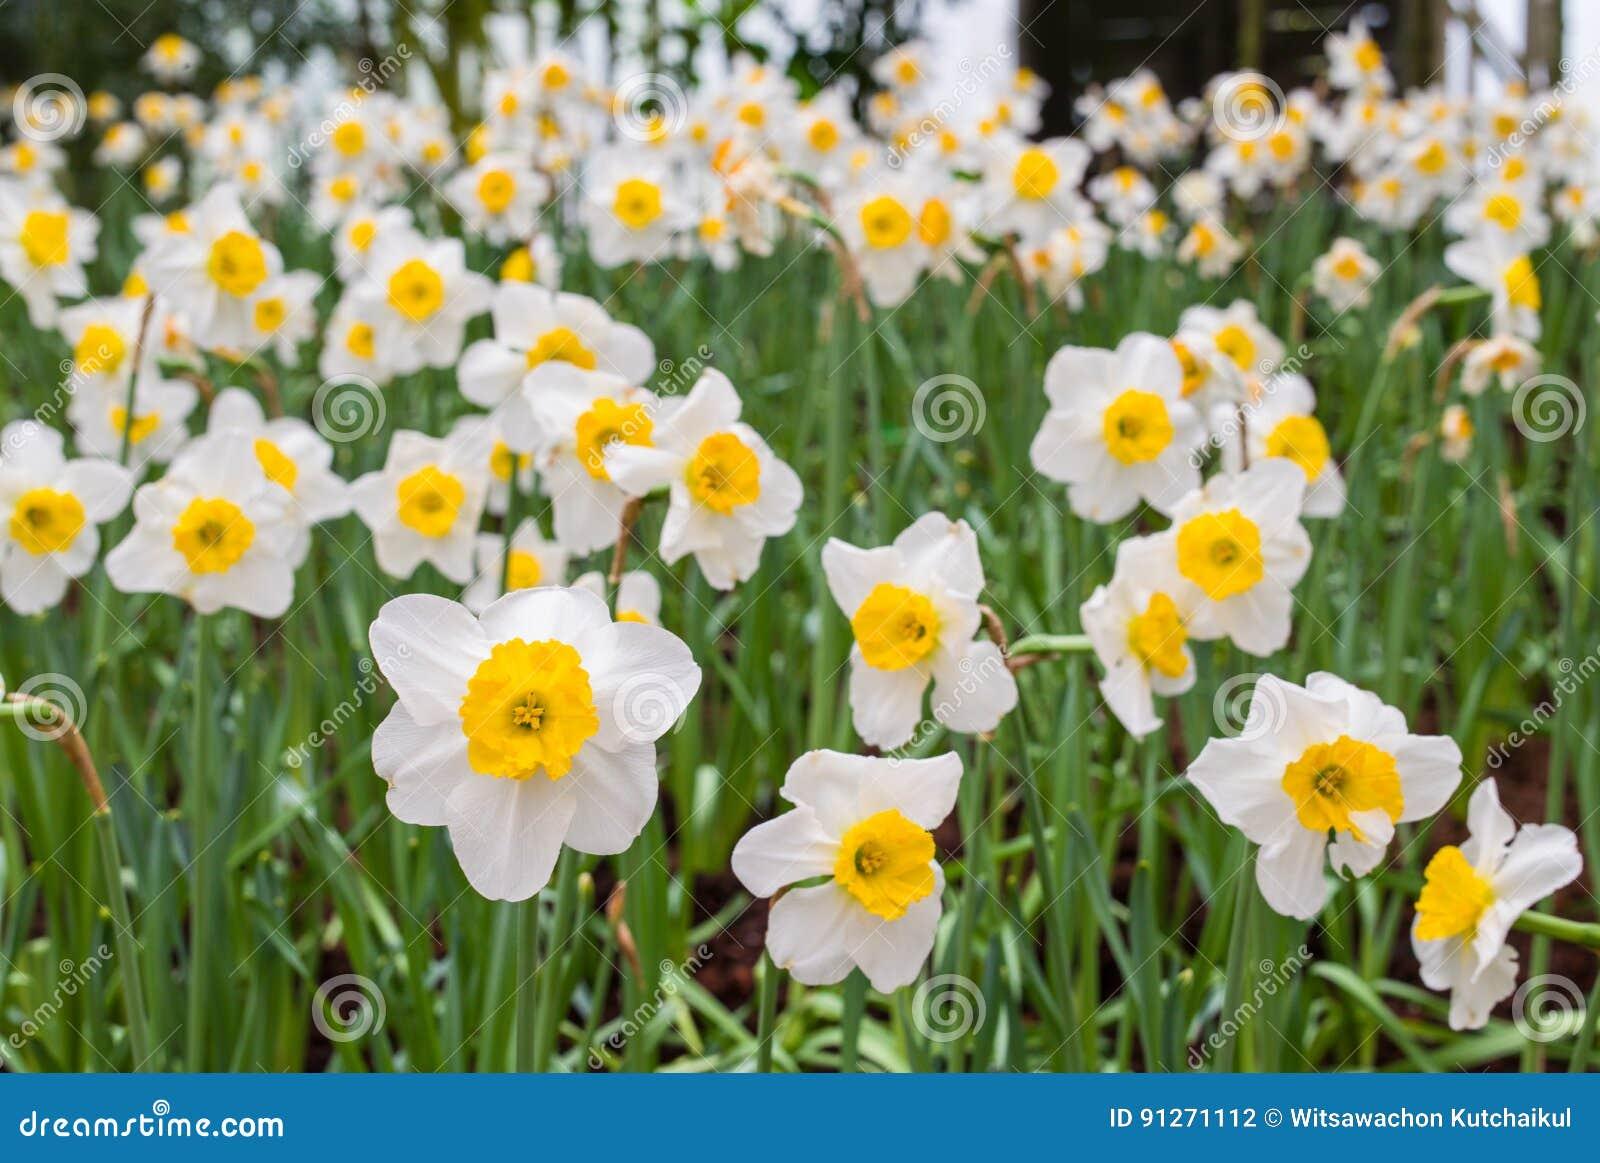 Fleur De Jonquille Photo Stock Image Du Fleur Jonquille 91271112